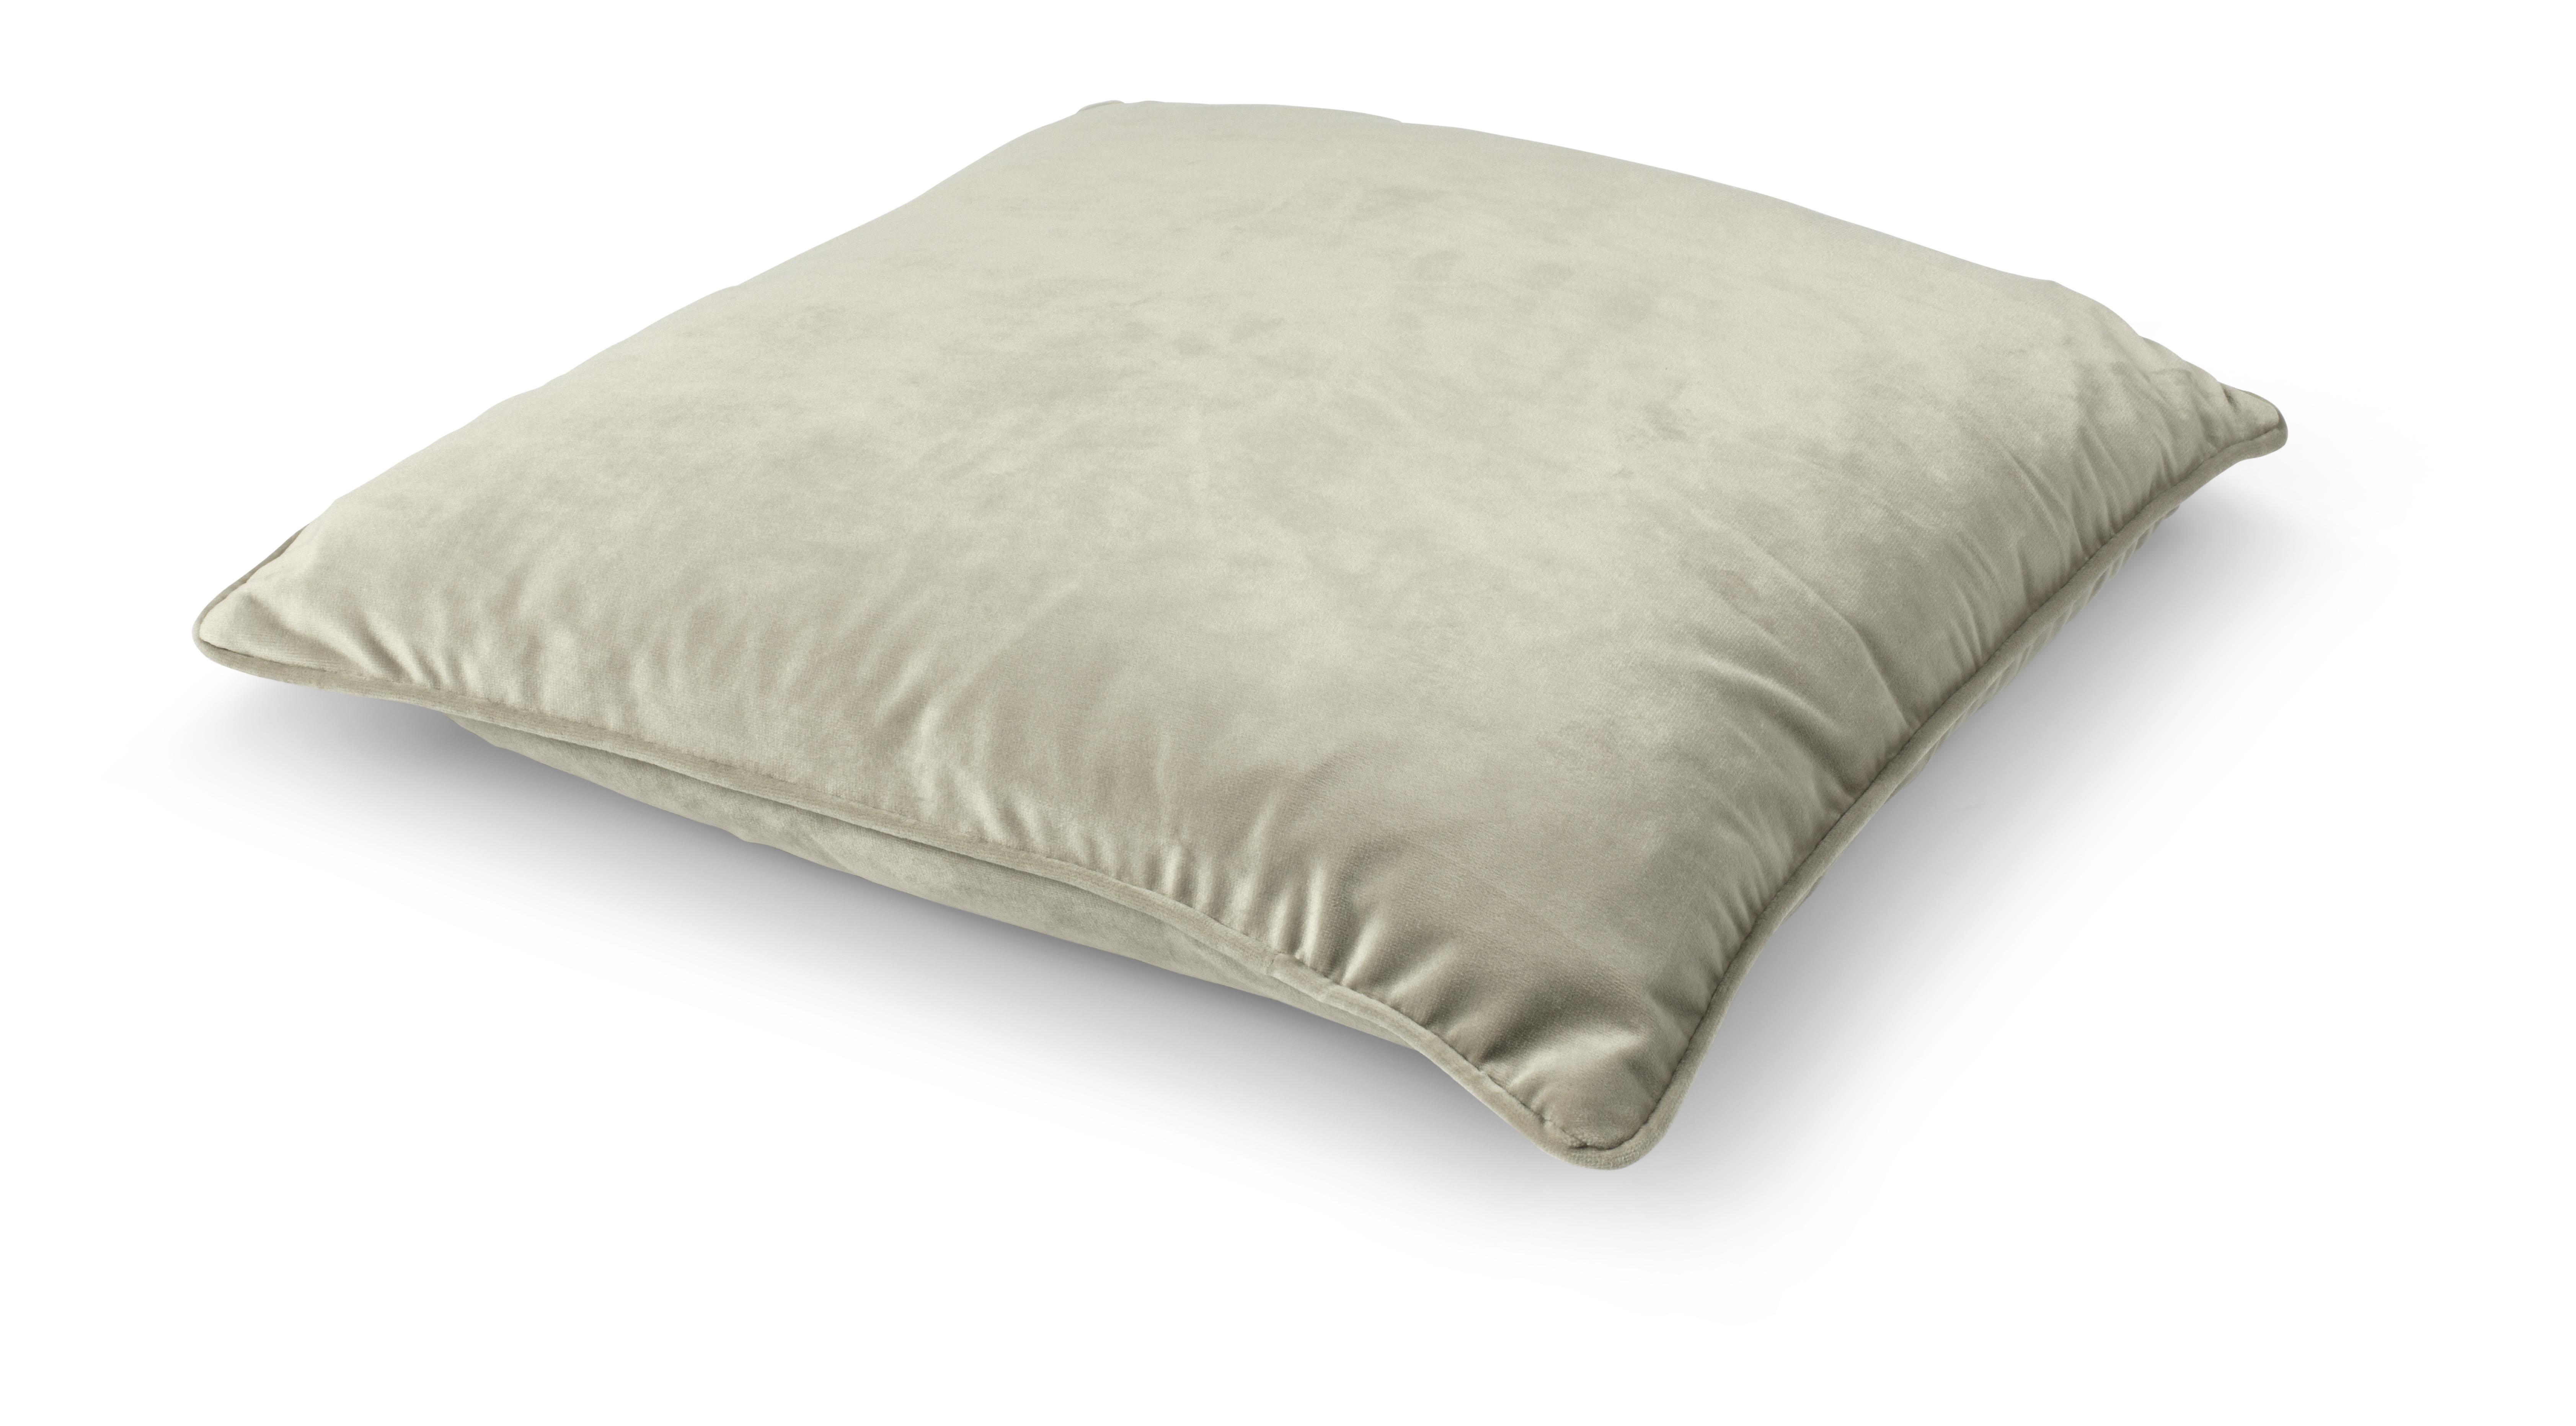 FINN - Sierkussen velvet Pumice Stone 60x60 cm